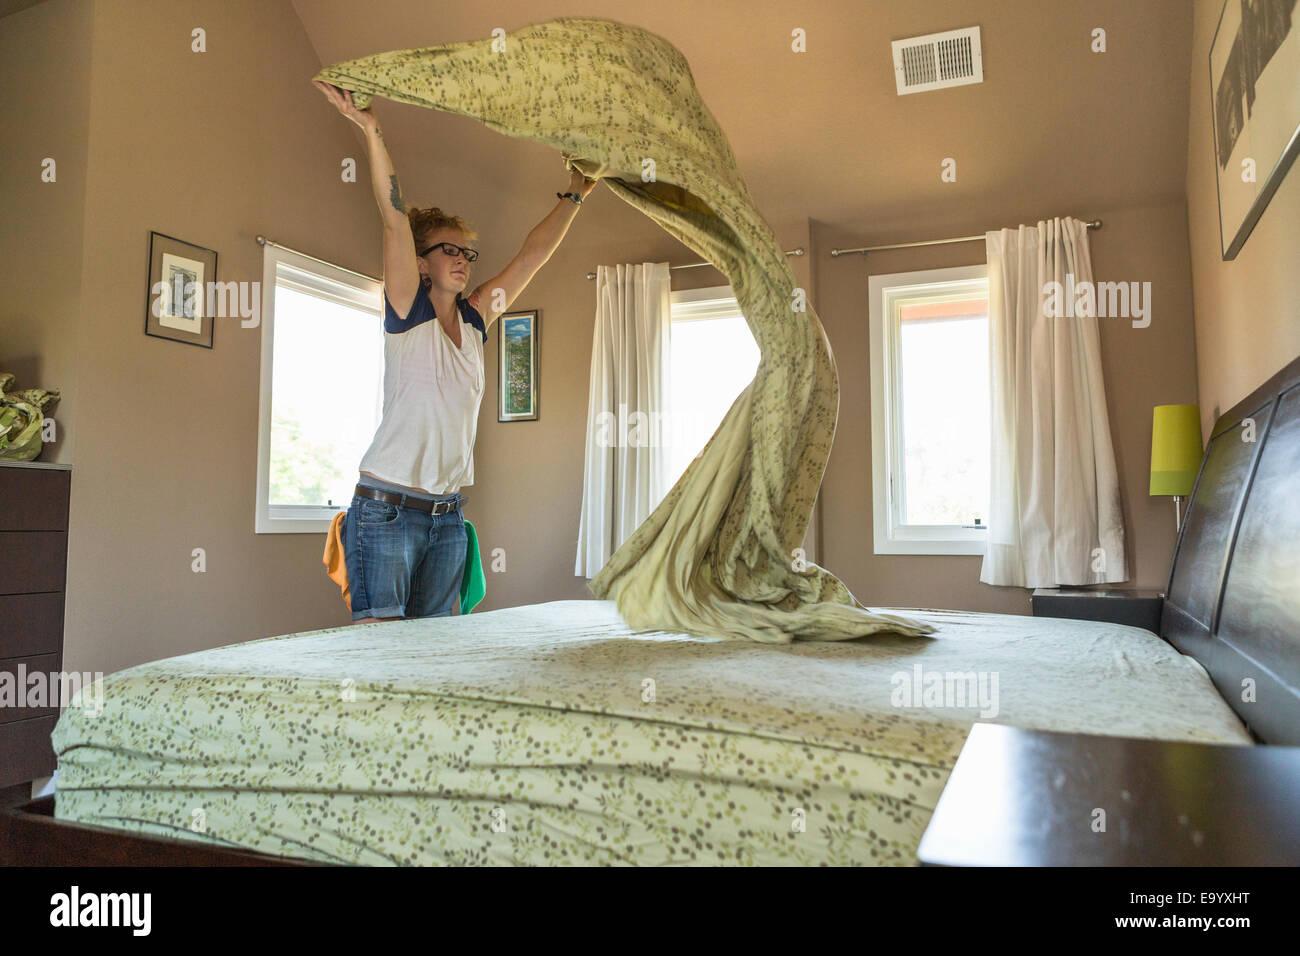 Jeune femme avec chambre de nettoyage Produits de nettoyage écologiques Photo Stock